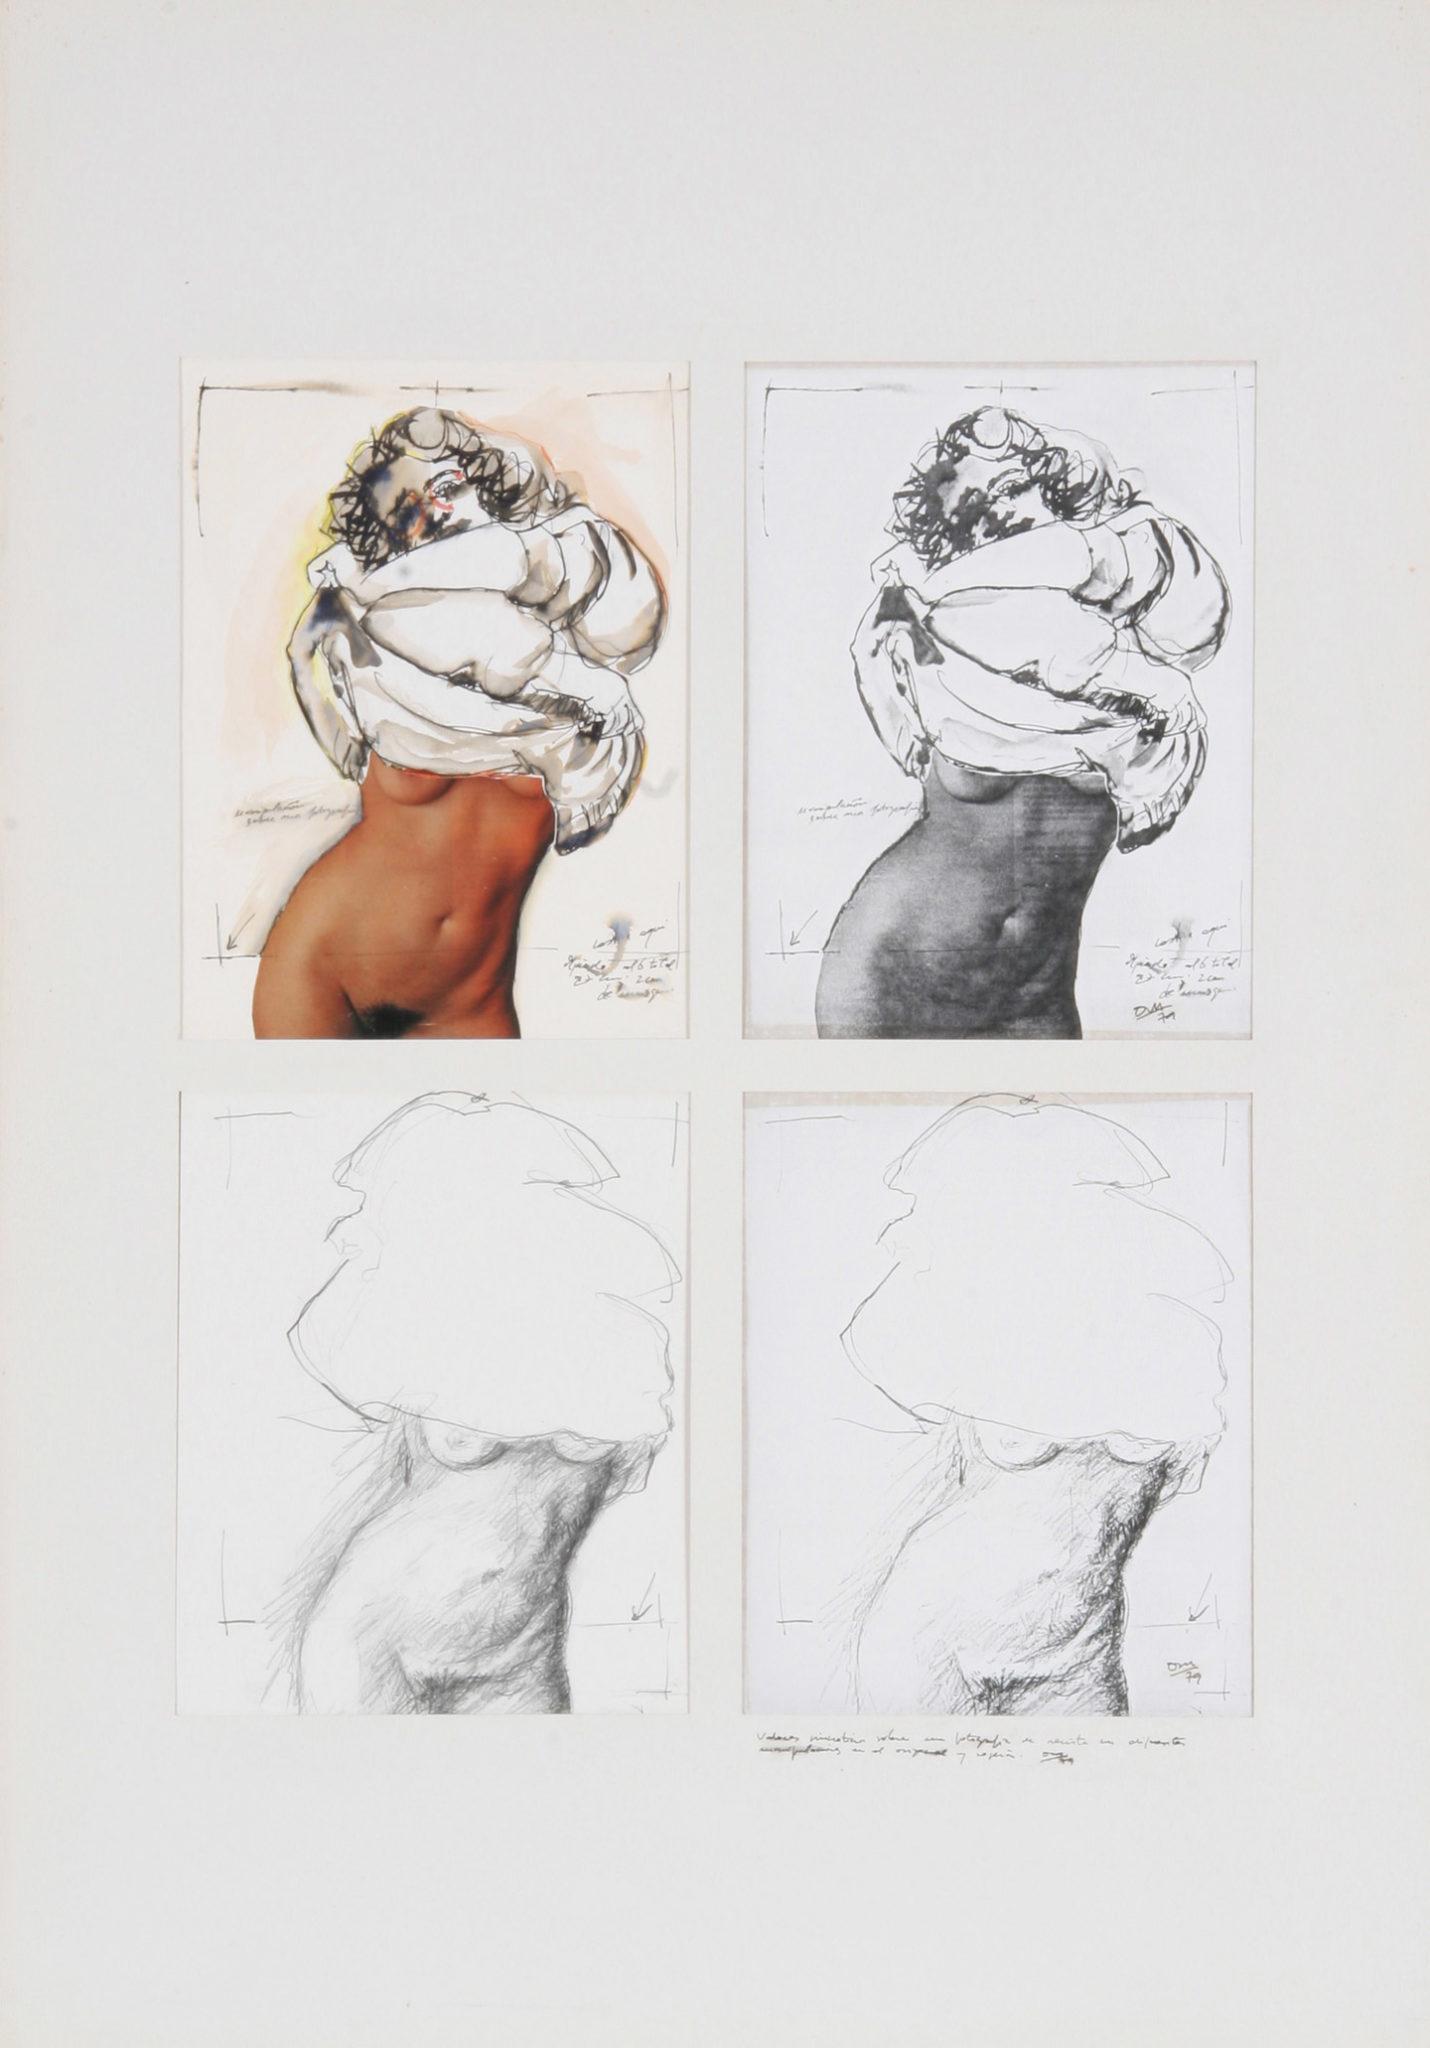 Manuel Quintana Martelo, dibujos.